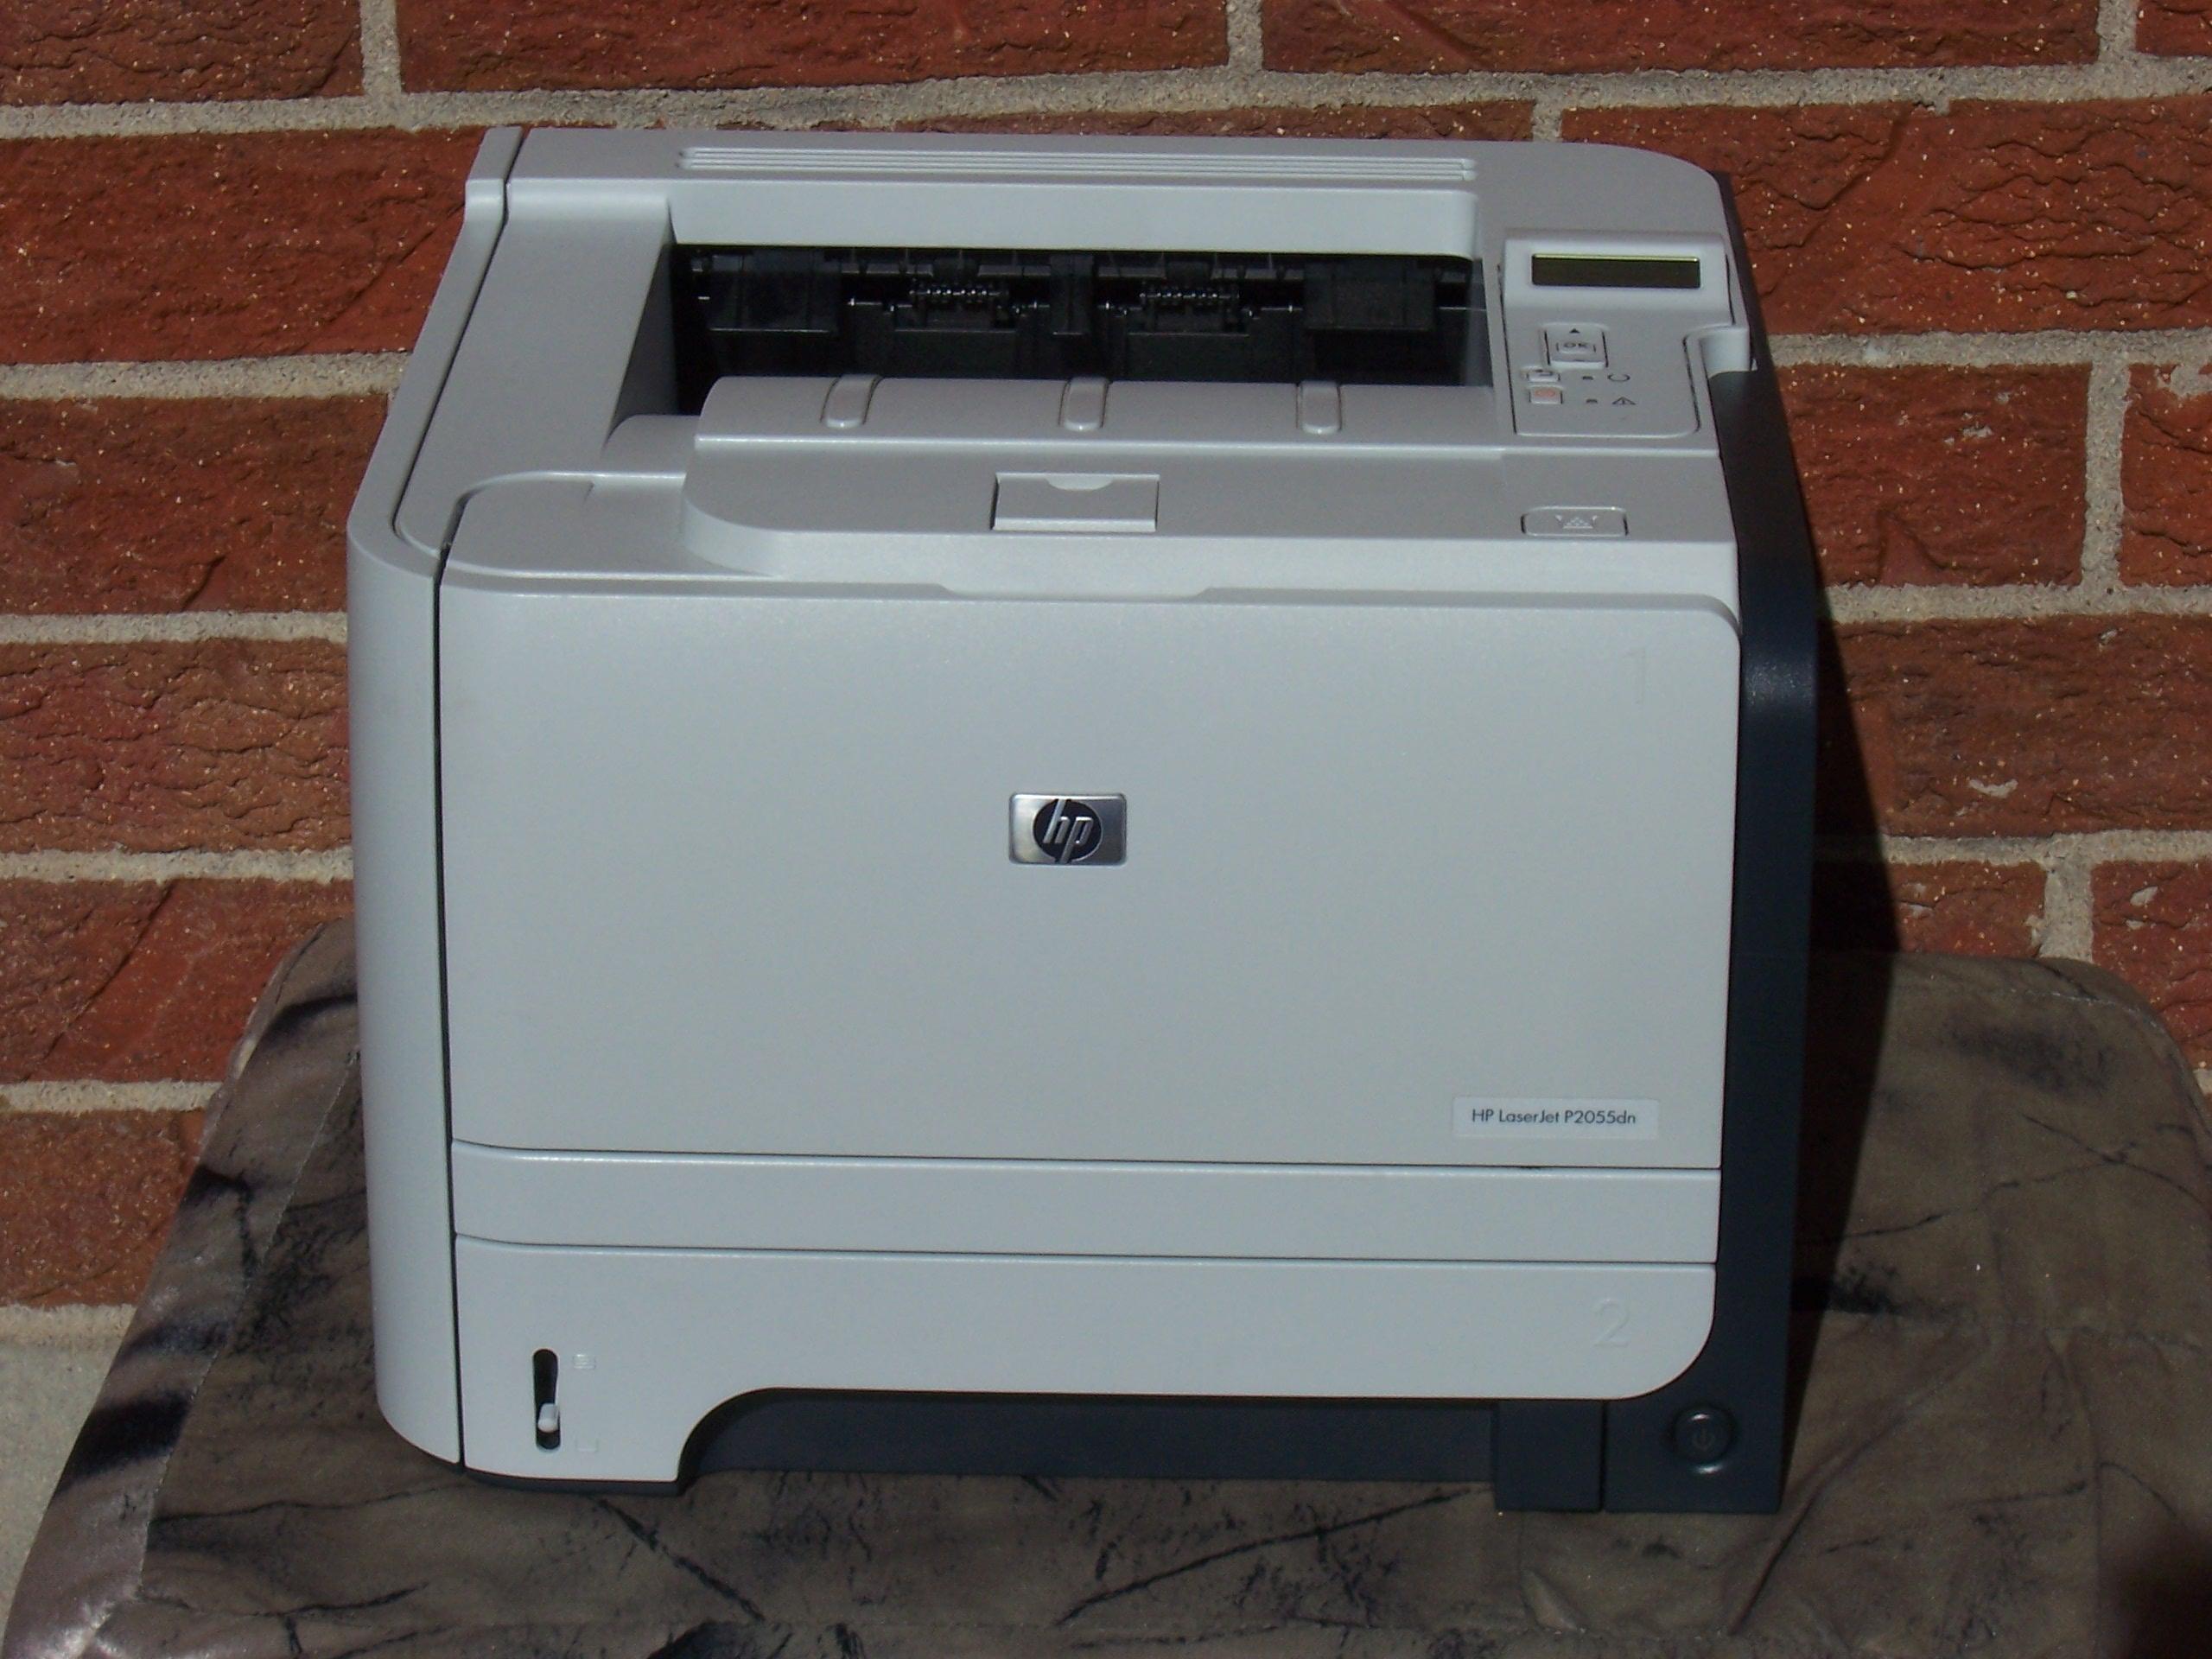 Скупка принтеров в Уфе http://www.uco.su/catalog/skupka-printerov-v-ufe-